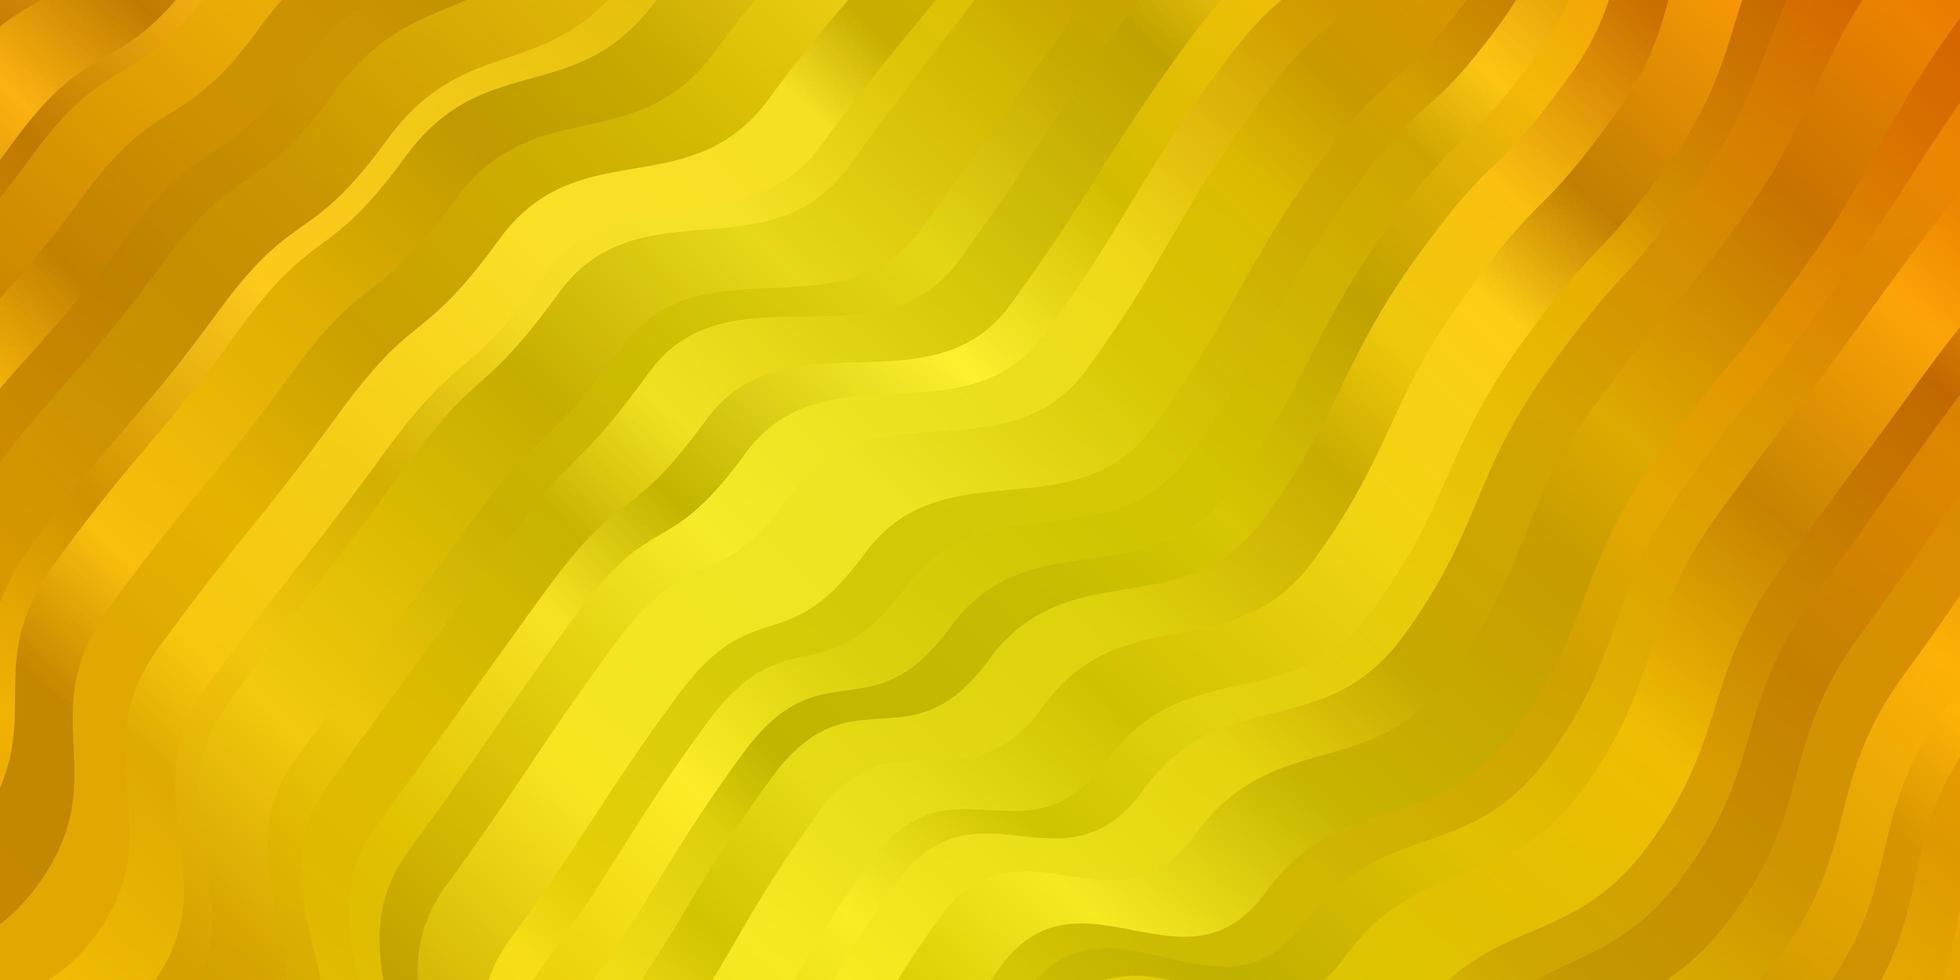 gul bakgrund med böjda linjer. vektor